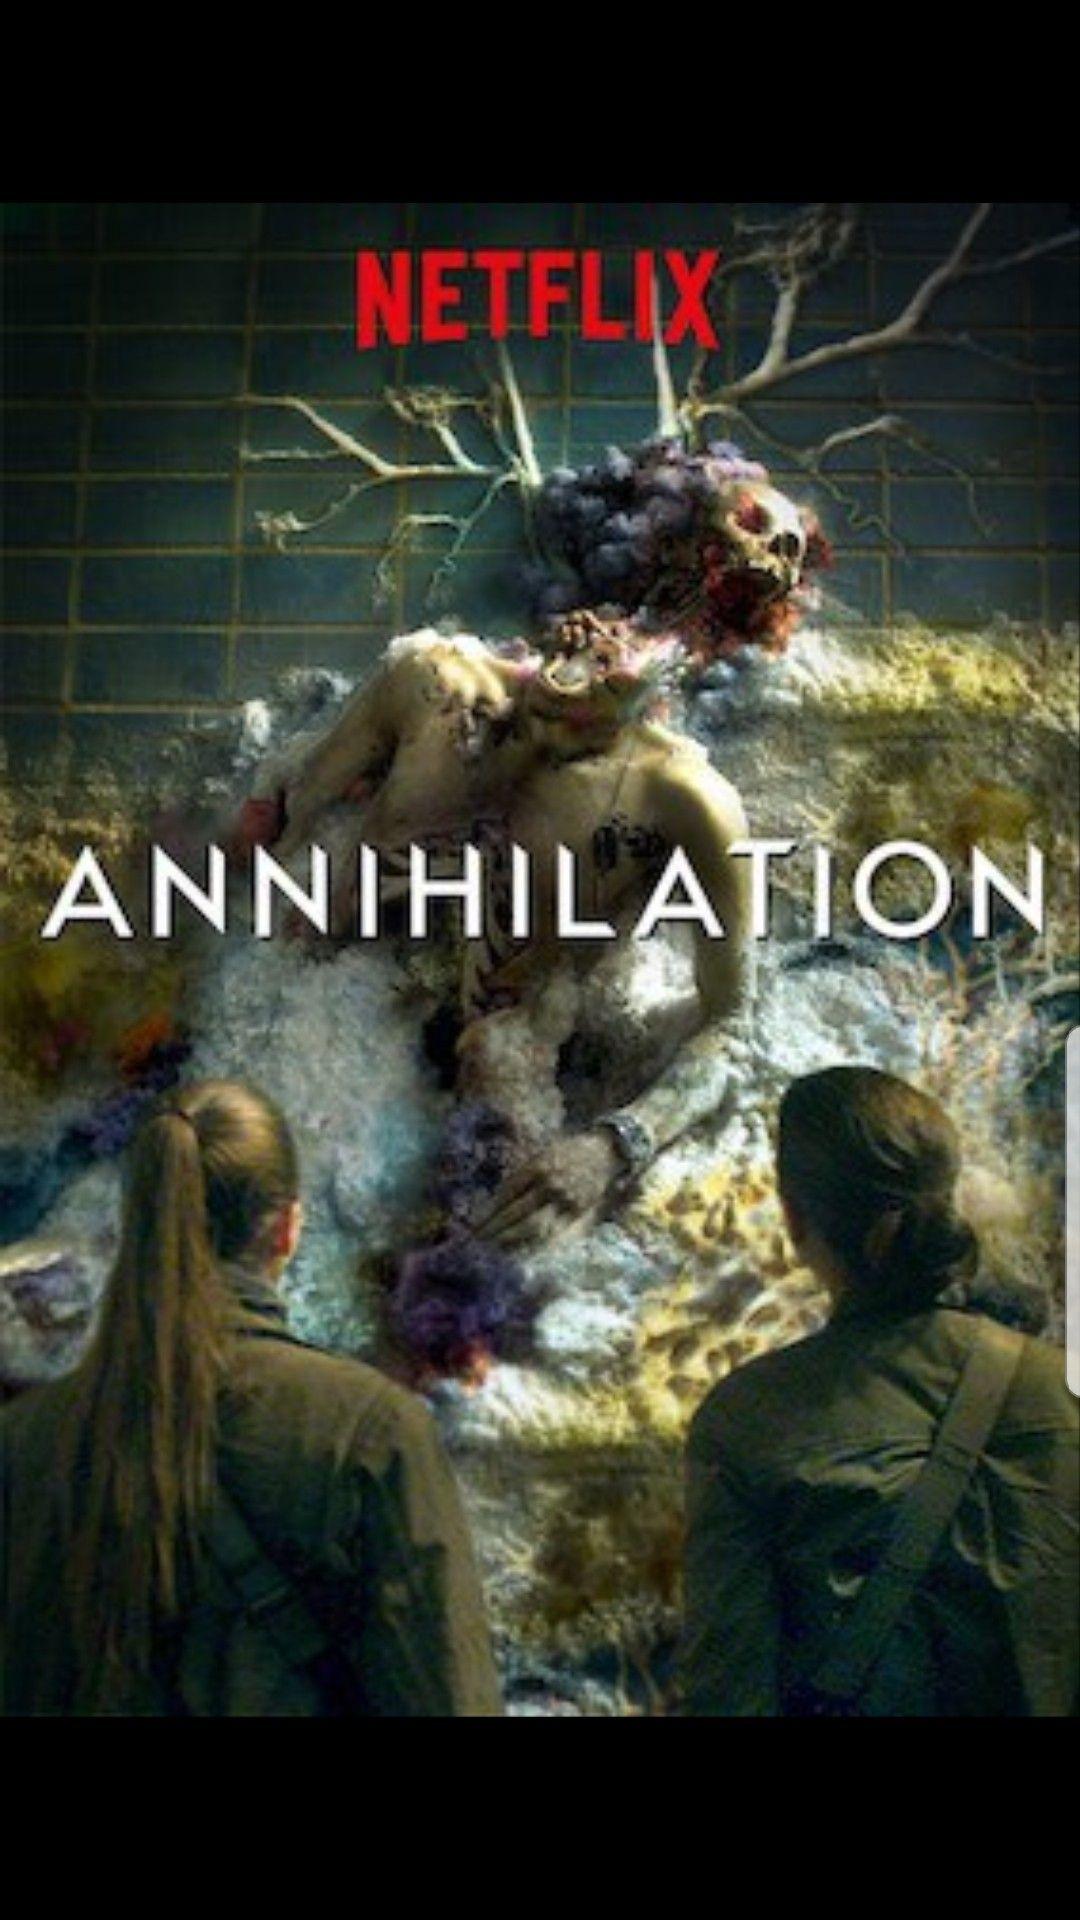 Annihilation Annihilation Movie Sci Fi Films Weird Creatures